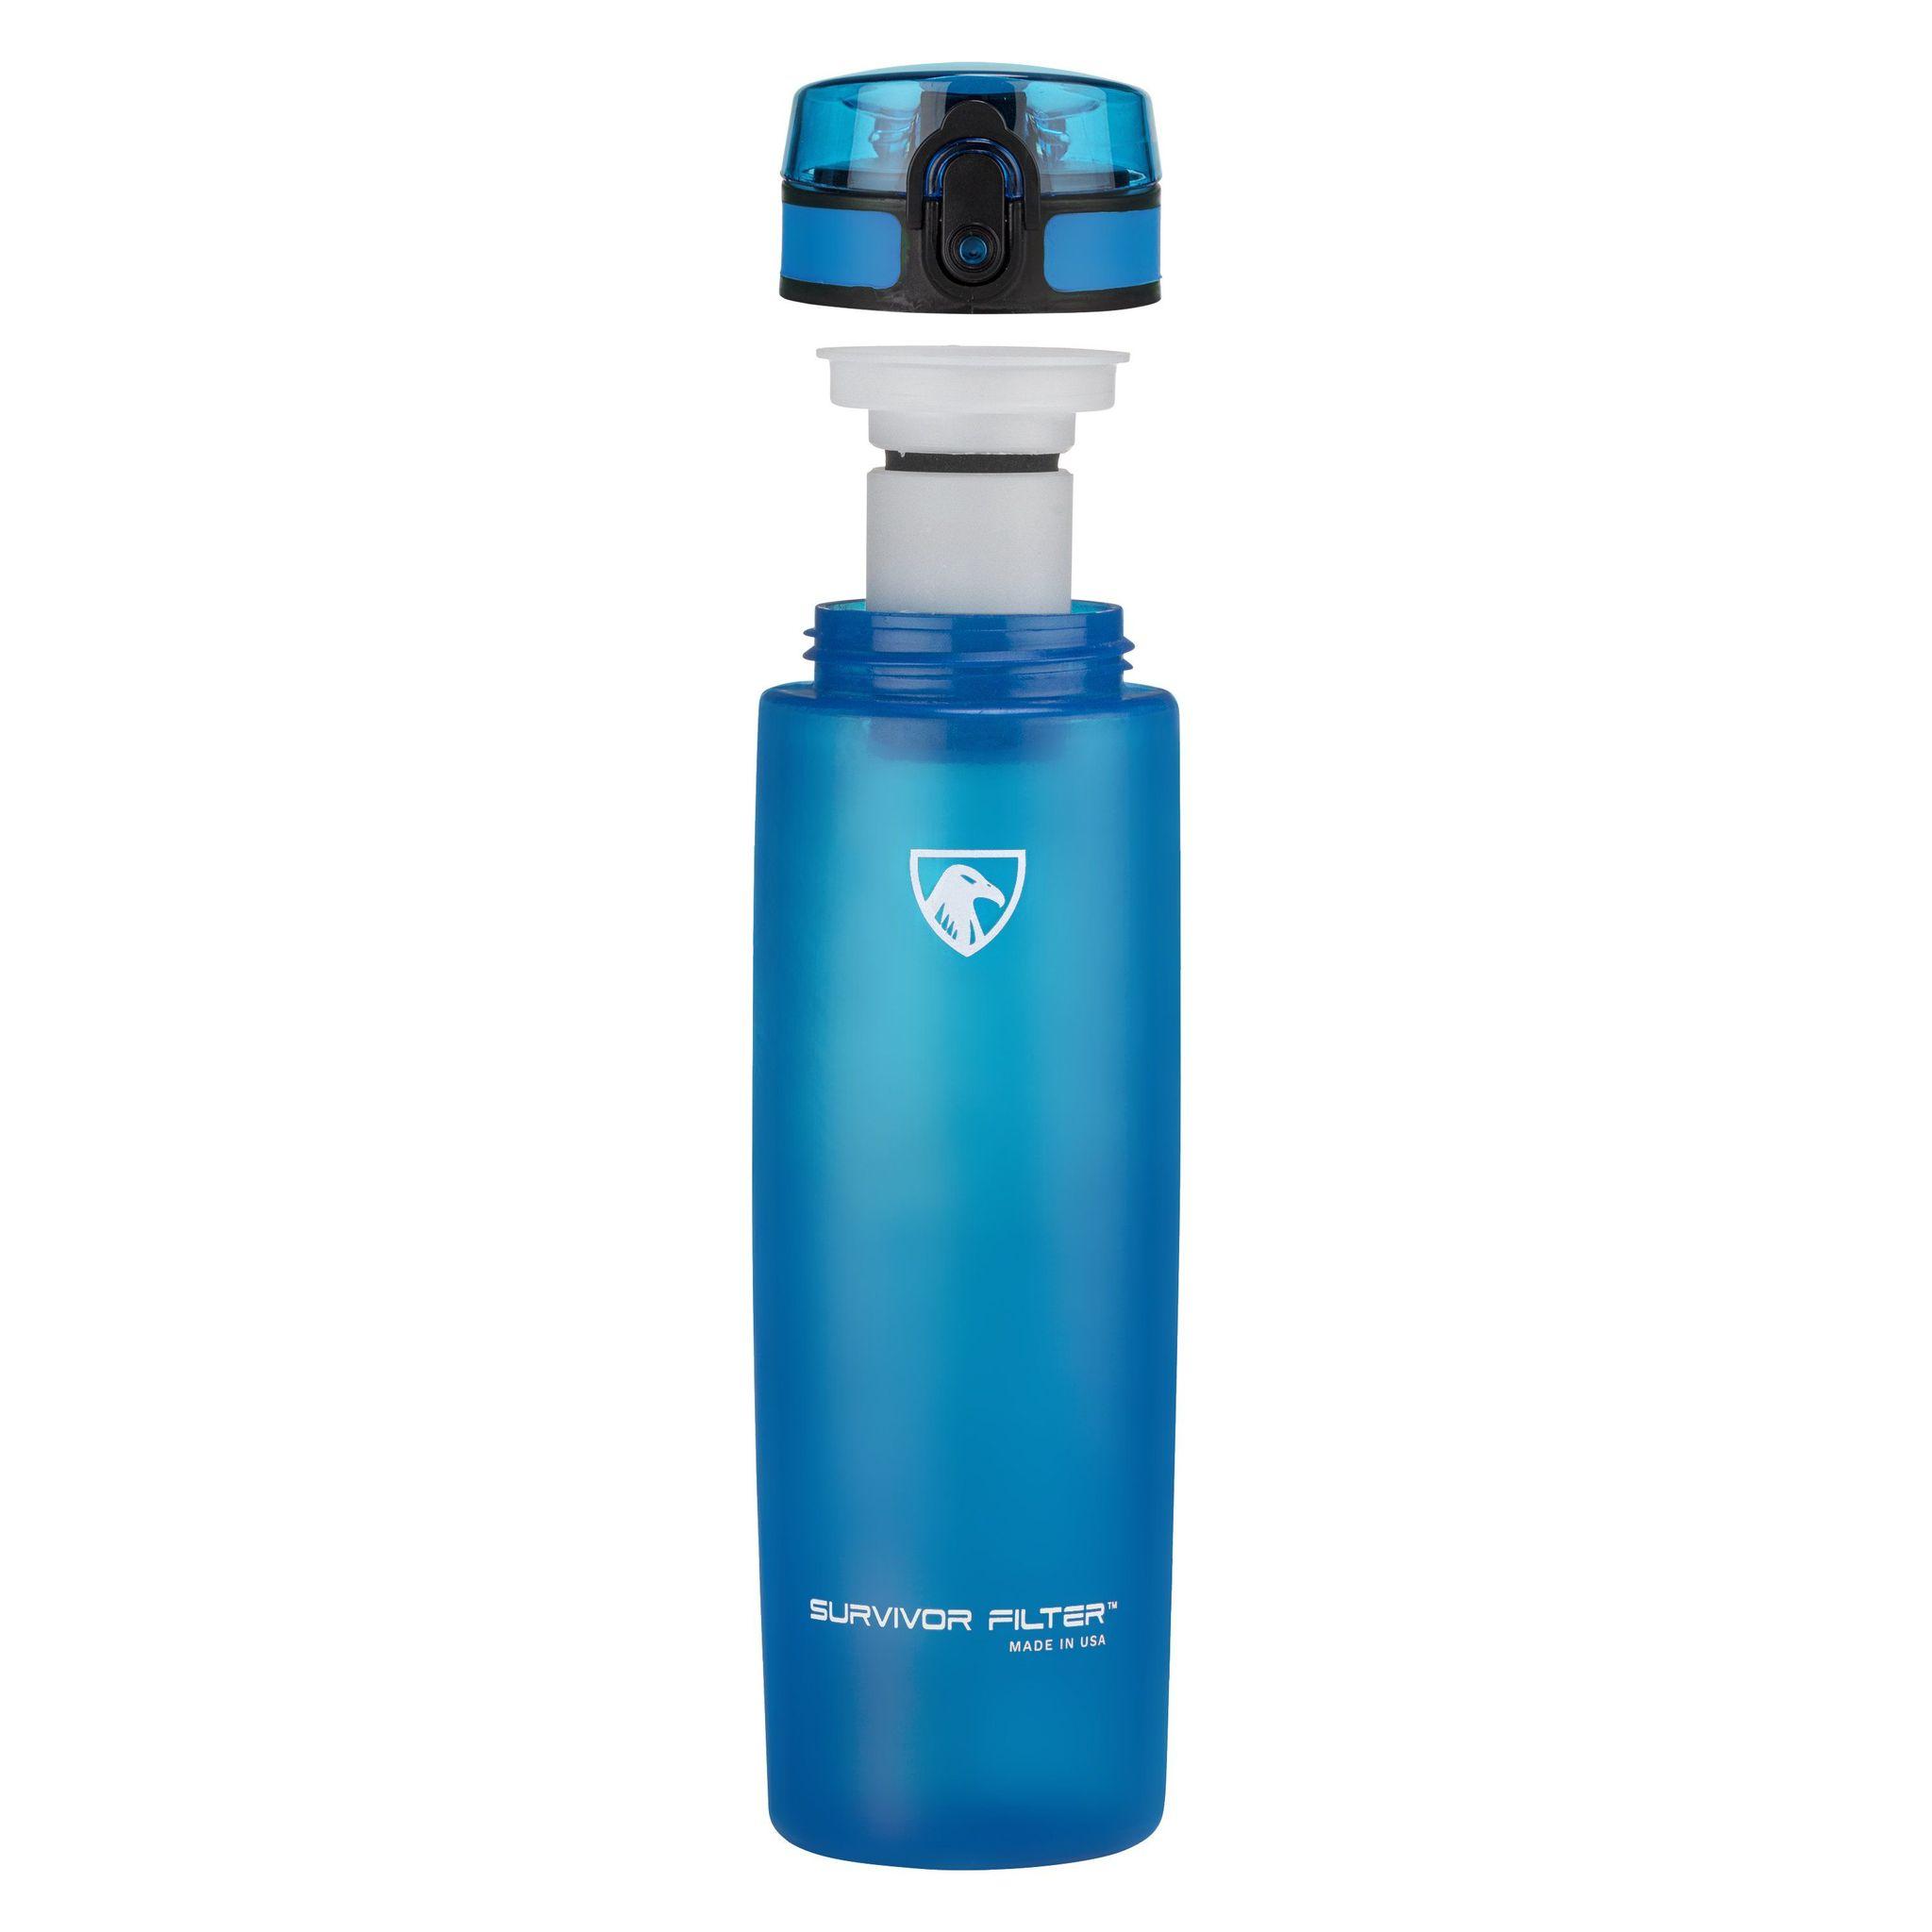 SURVIVOR FILTER ACTIVE Filtration Bottle